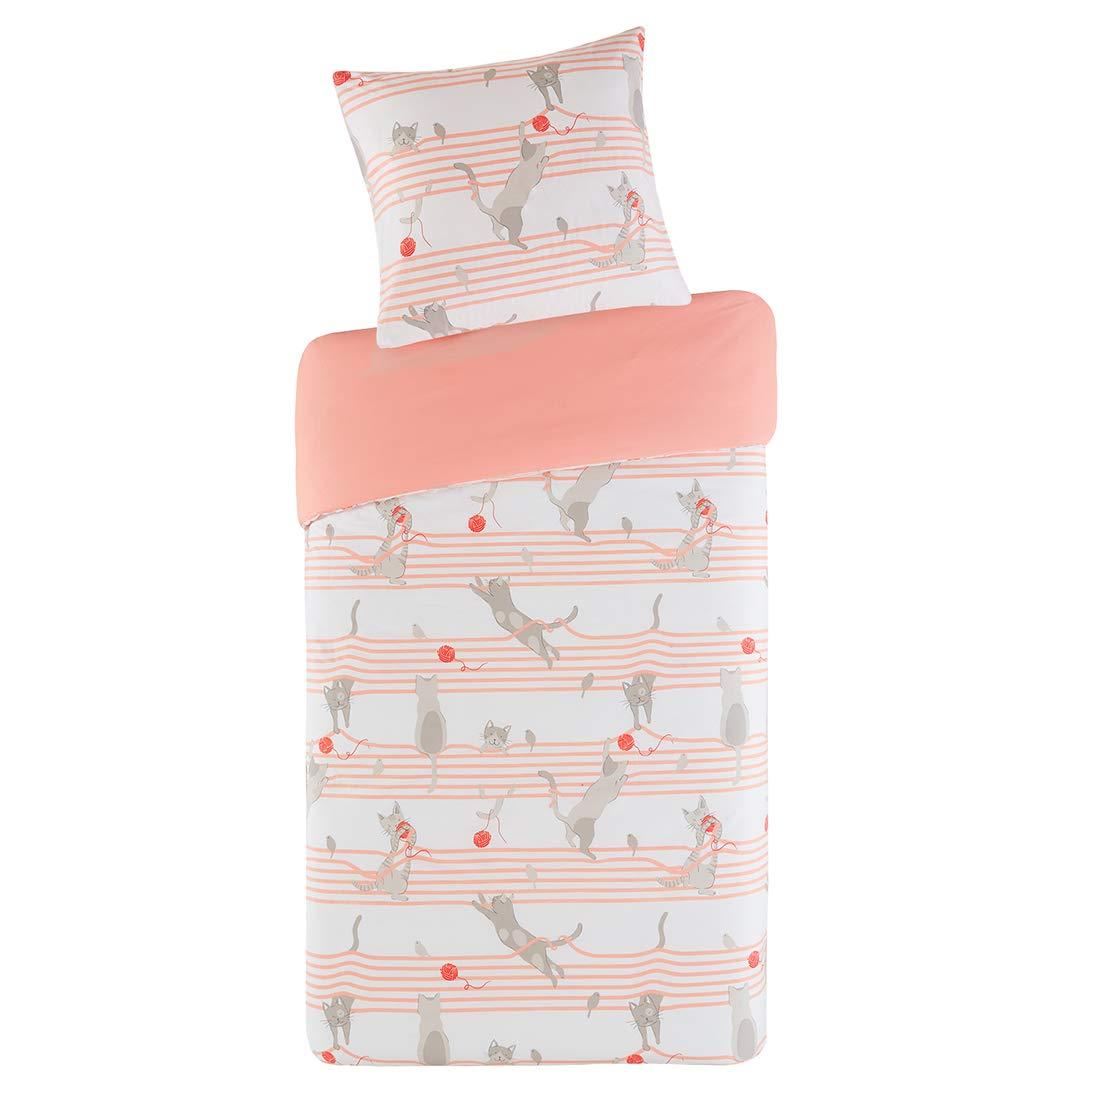 Kinderbettwäsche Garnitur 100x135cm Bettbezug Baumwolle Babybettwäsche Bettwäsche